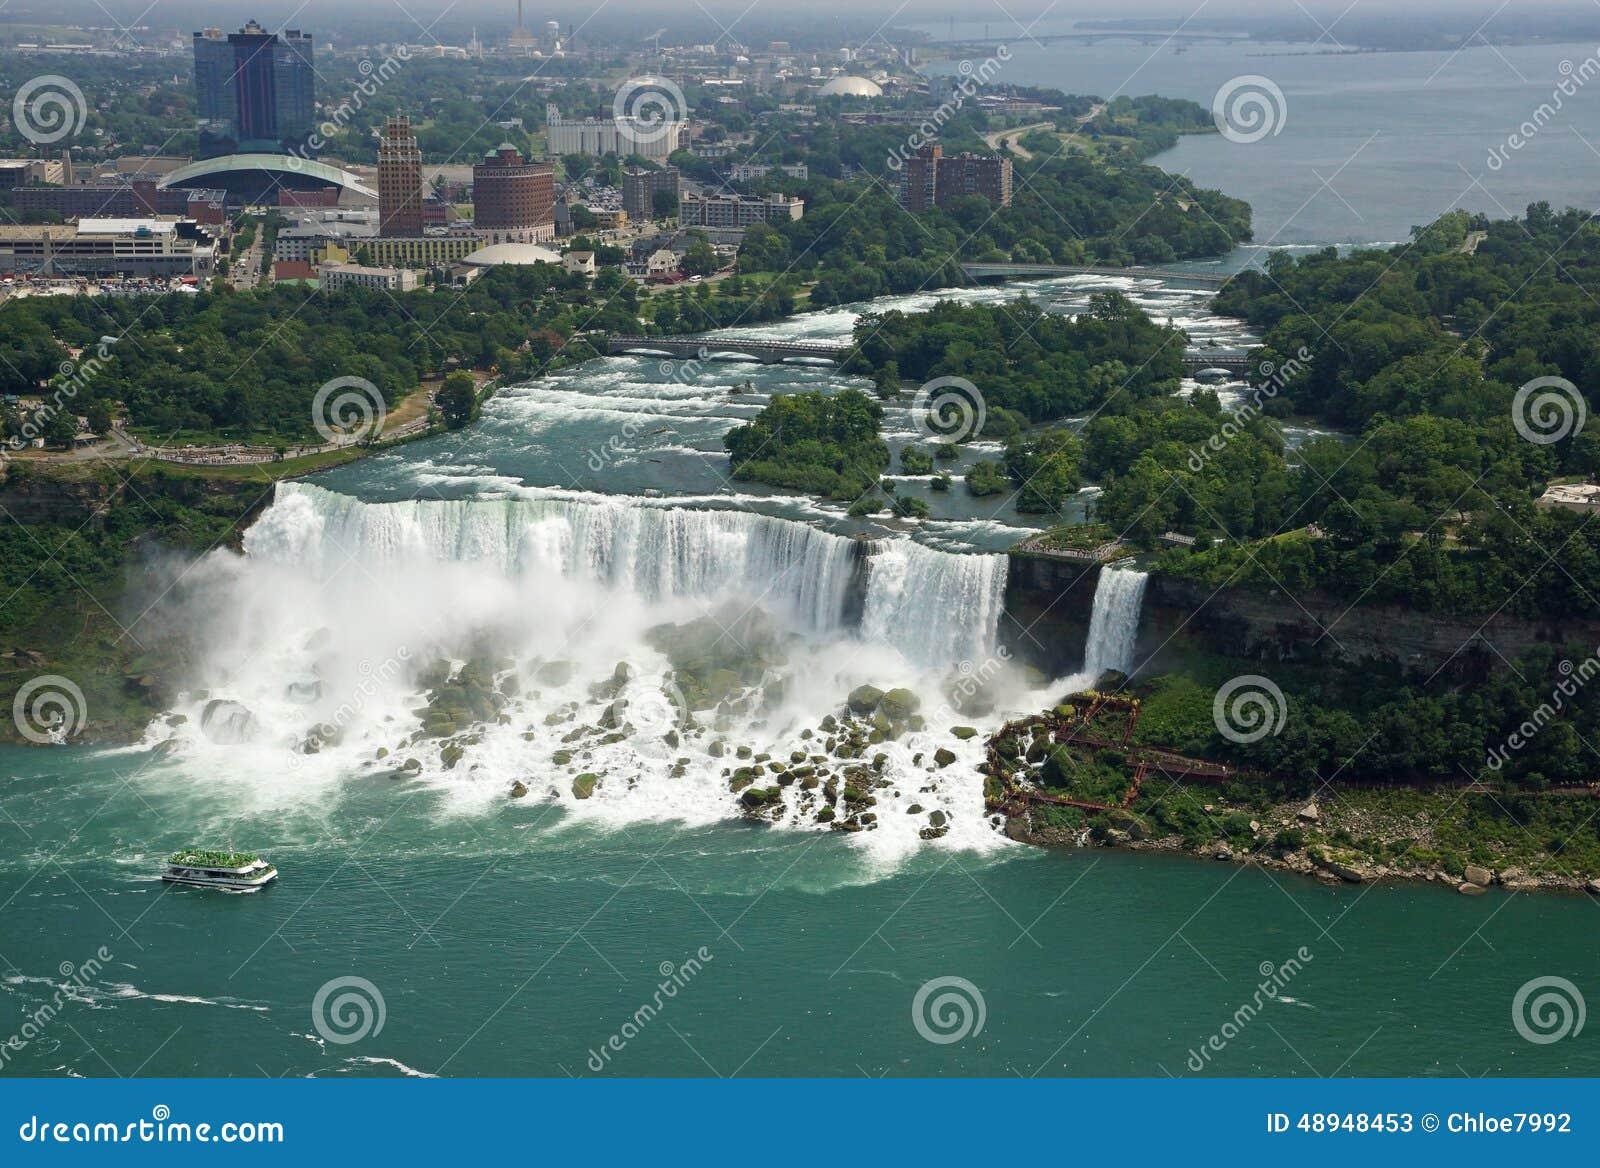 Niagara Falls Ny Stock Image Image Of Blue Fall States